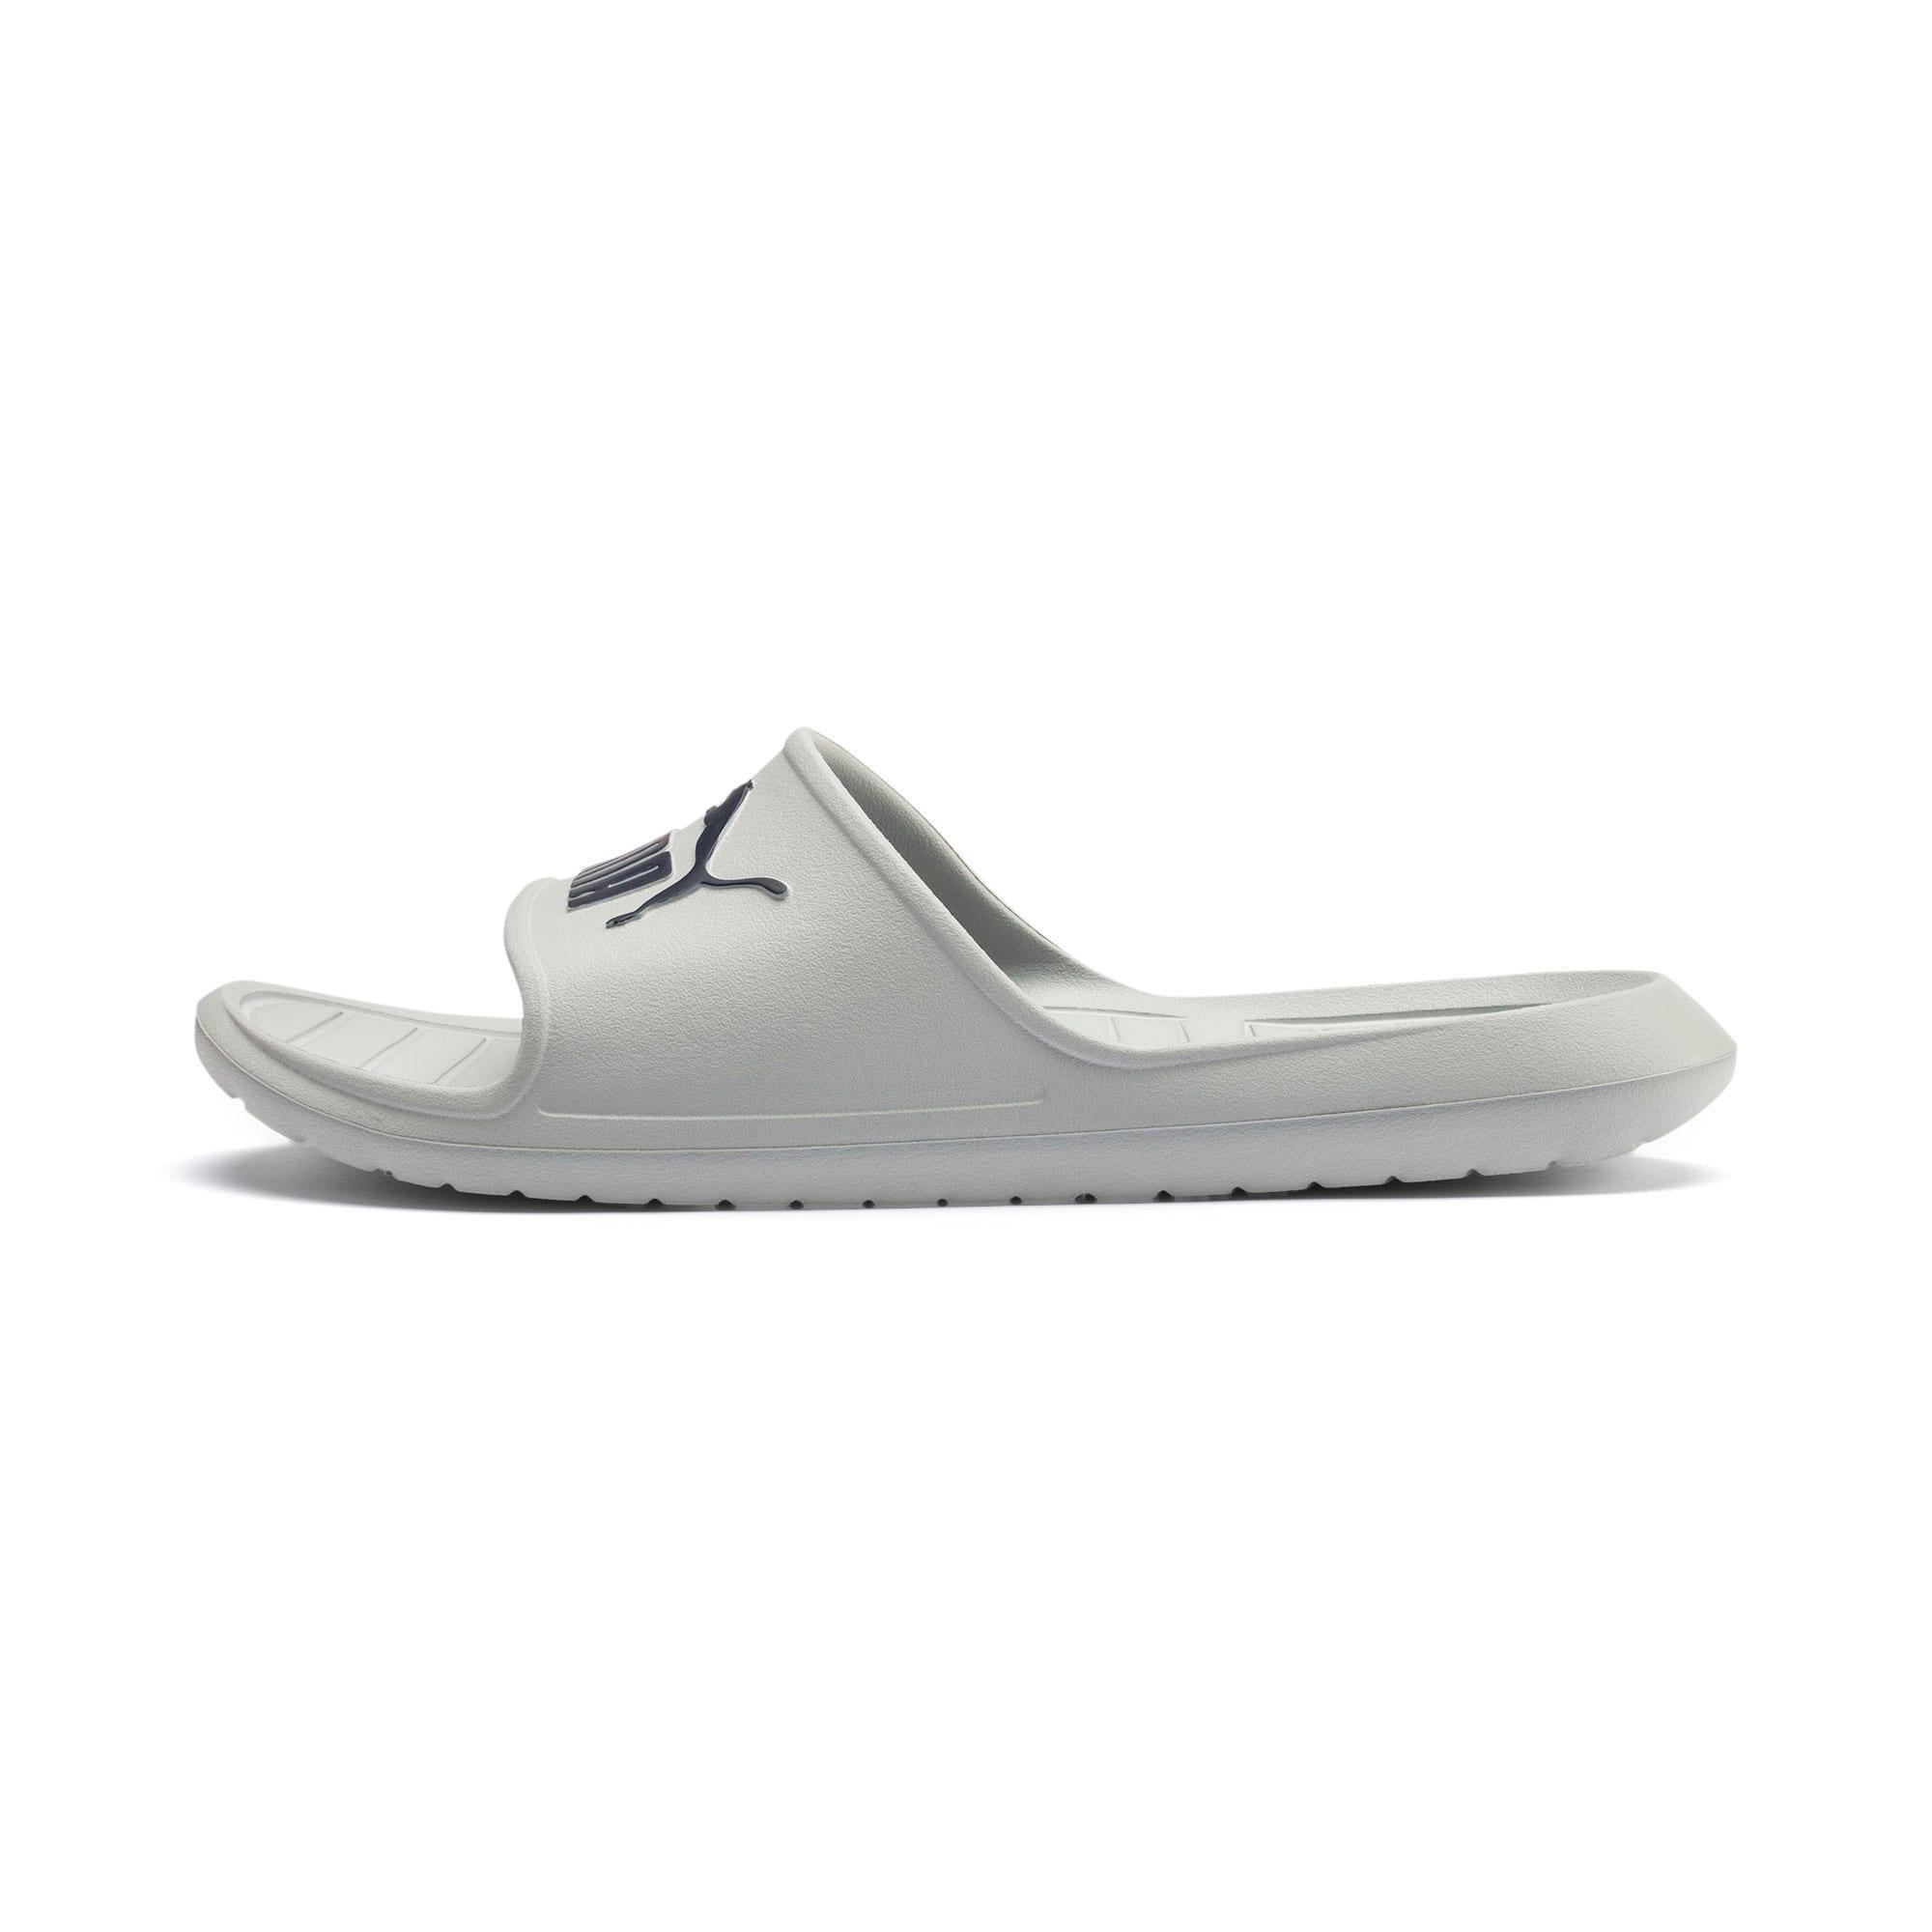 Thumbnail 1 of Divecat v2 Sandals, High Rise-Peacoat, medium-IND